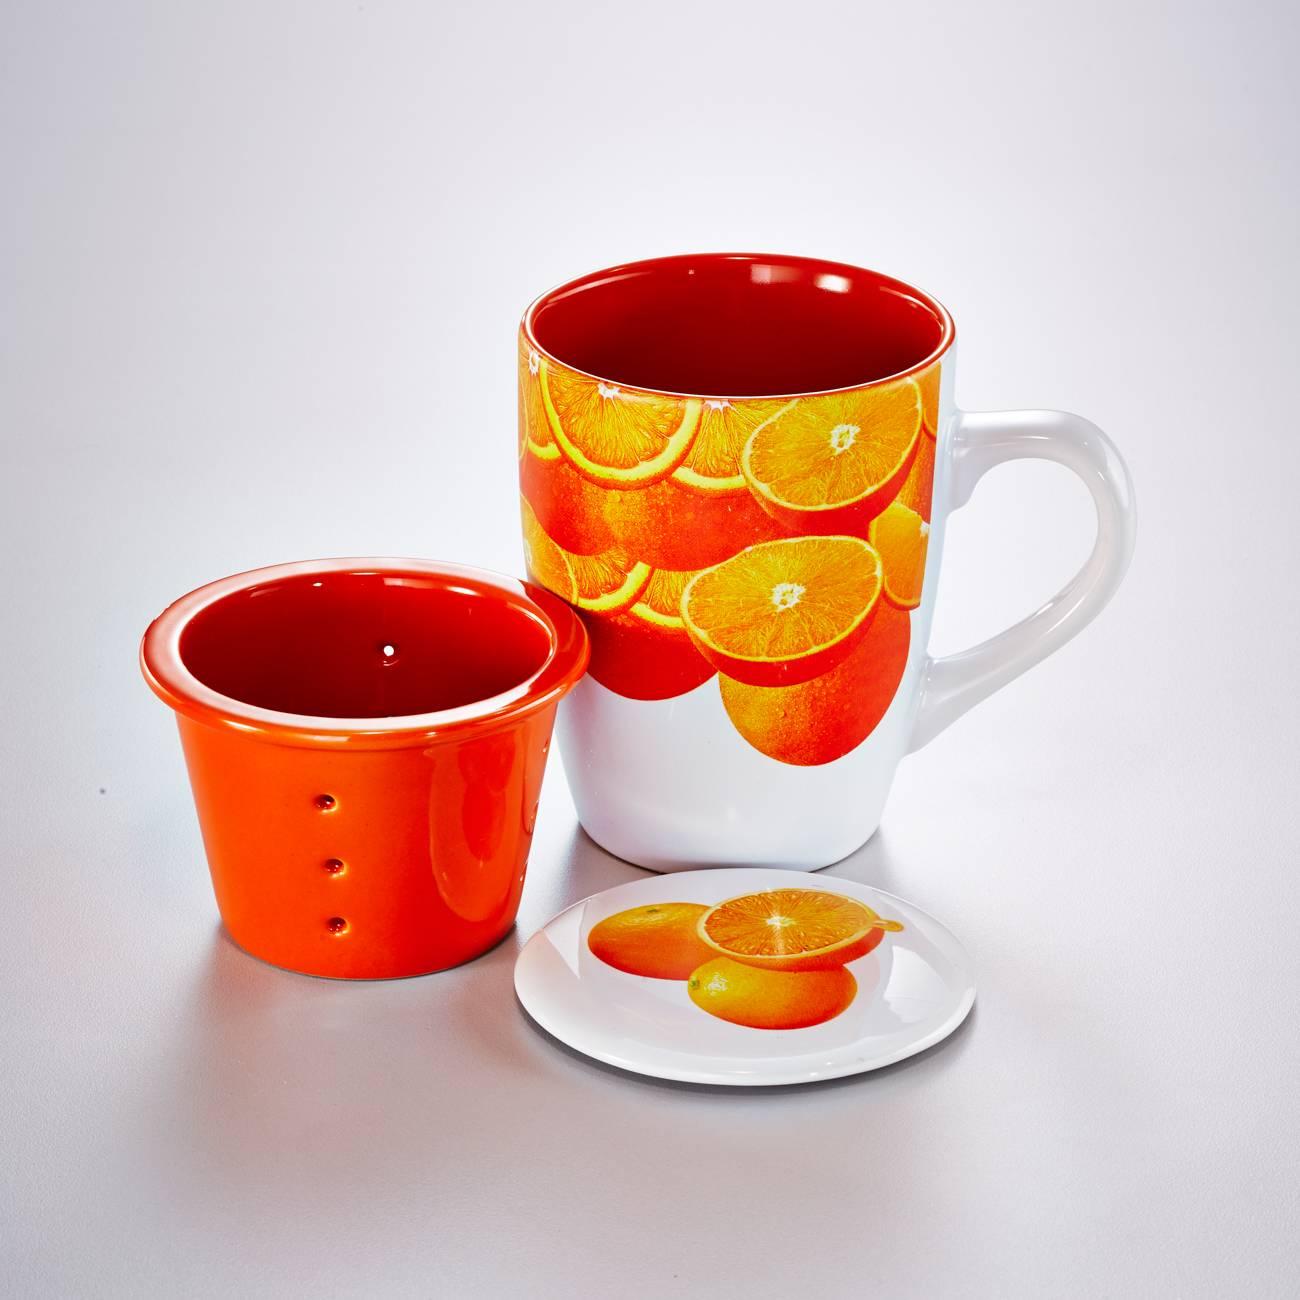 Caneca Estampa Laranjas com Infusor - 330 ml - em Porcelana - Bon Gourmet - 15x11 cm